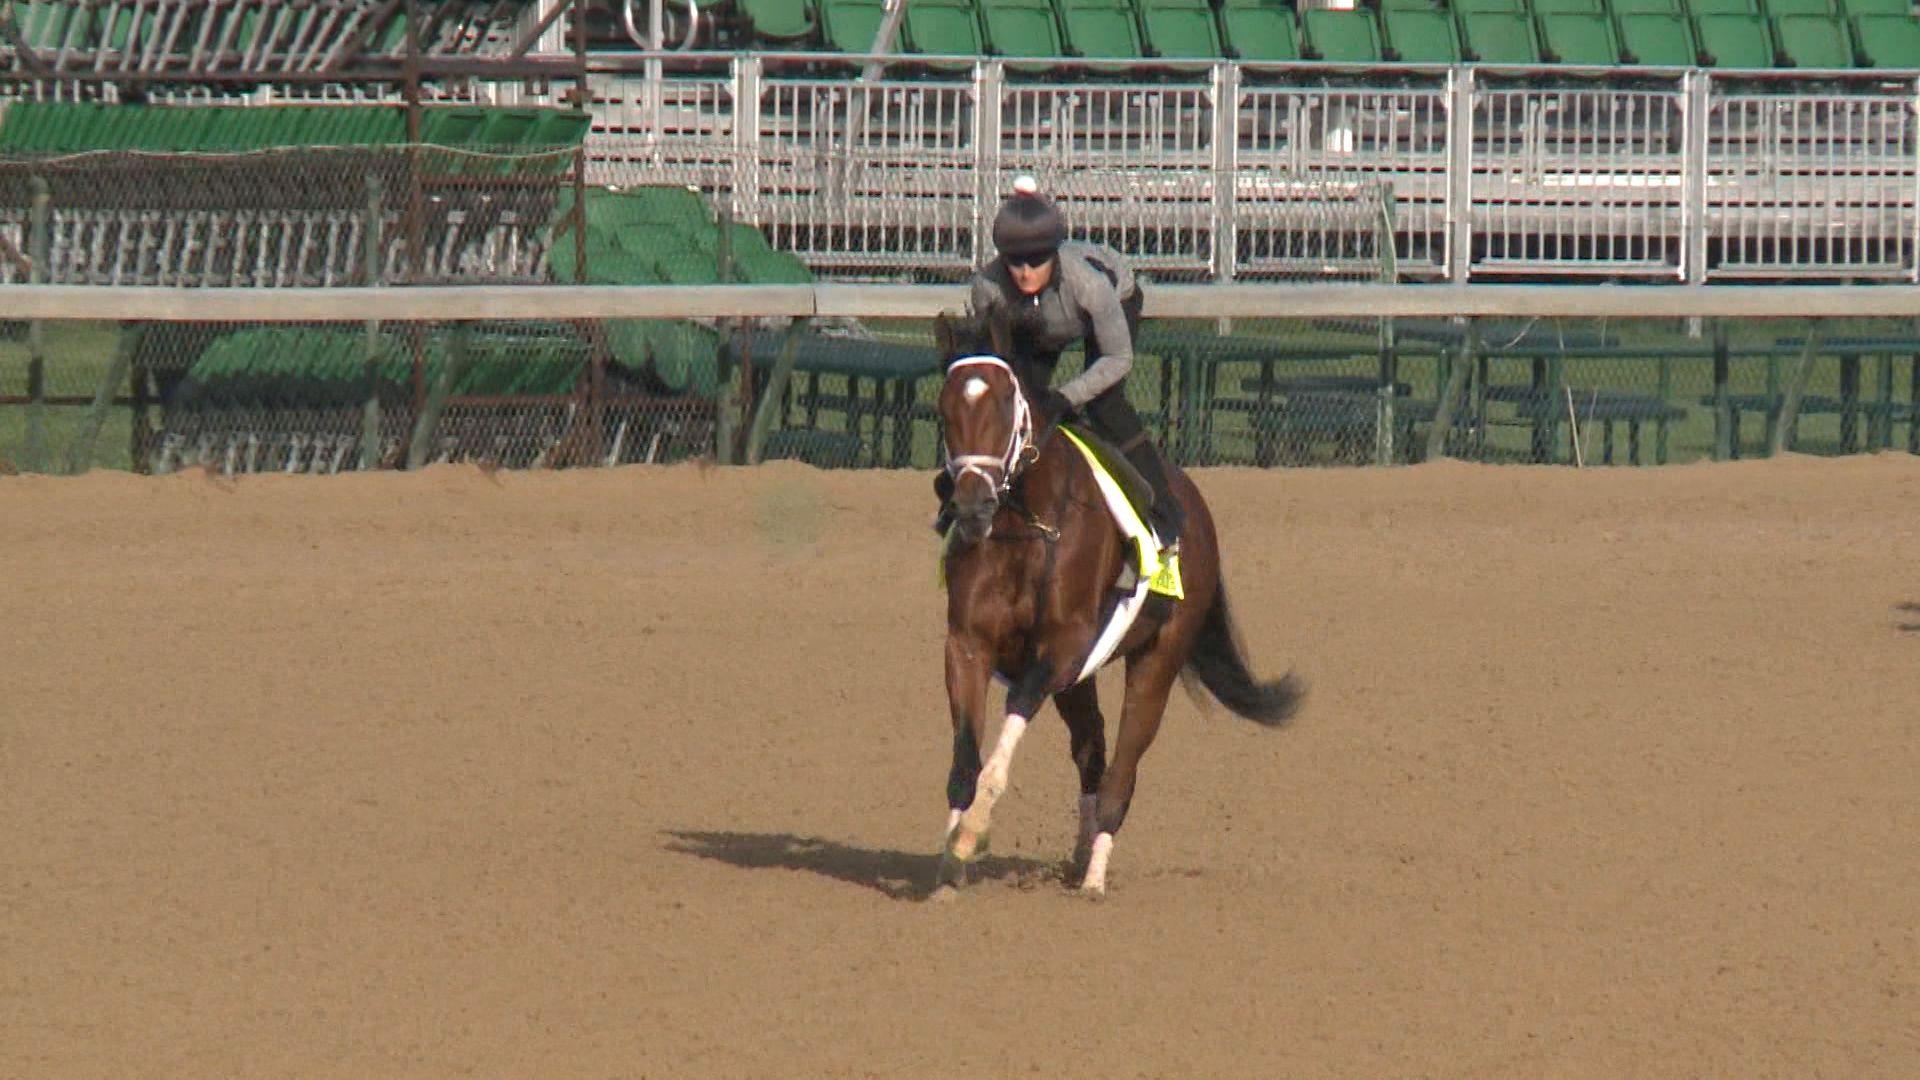 patch derby horse 1493387815 jpg